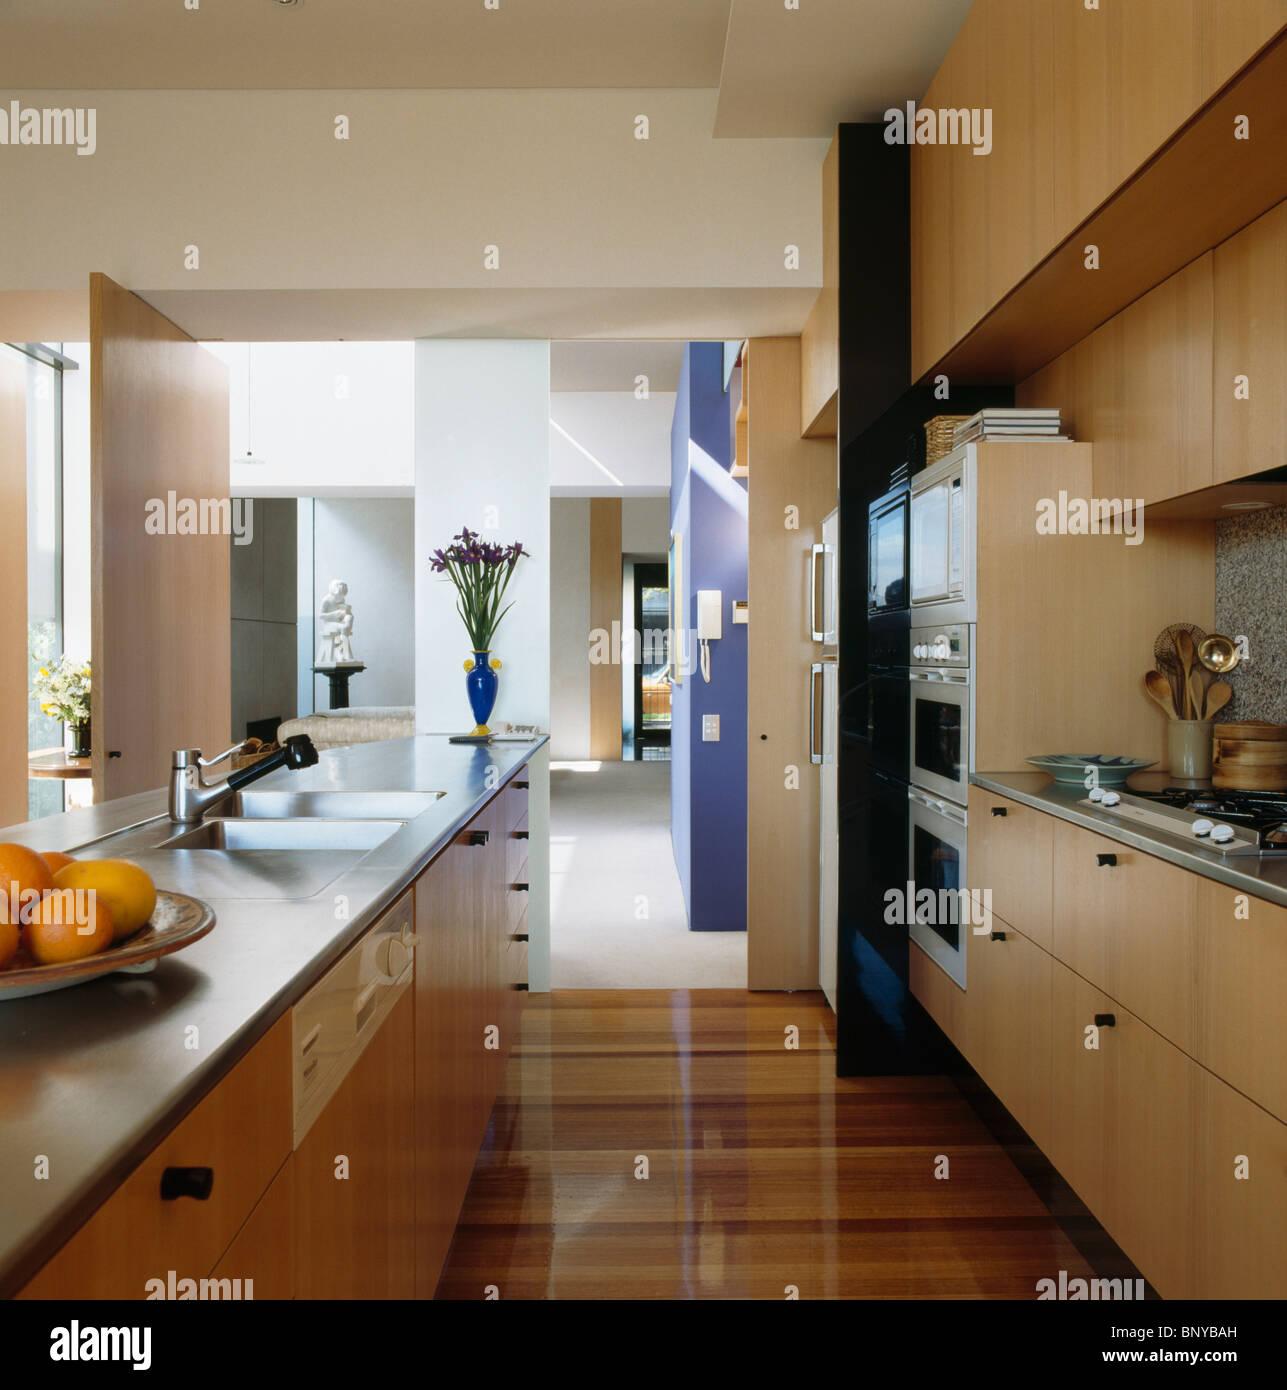 Edelstahl-Arbeitsplatte auf Insel Einheit in moderne offene Küche ...